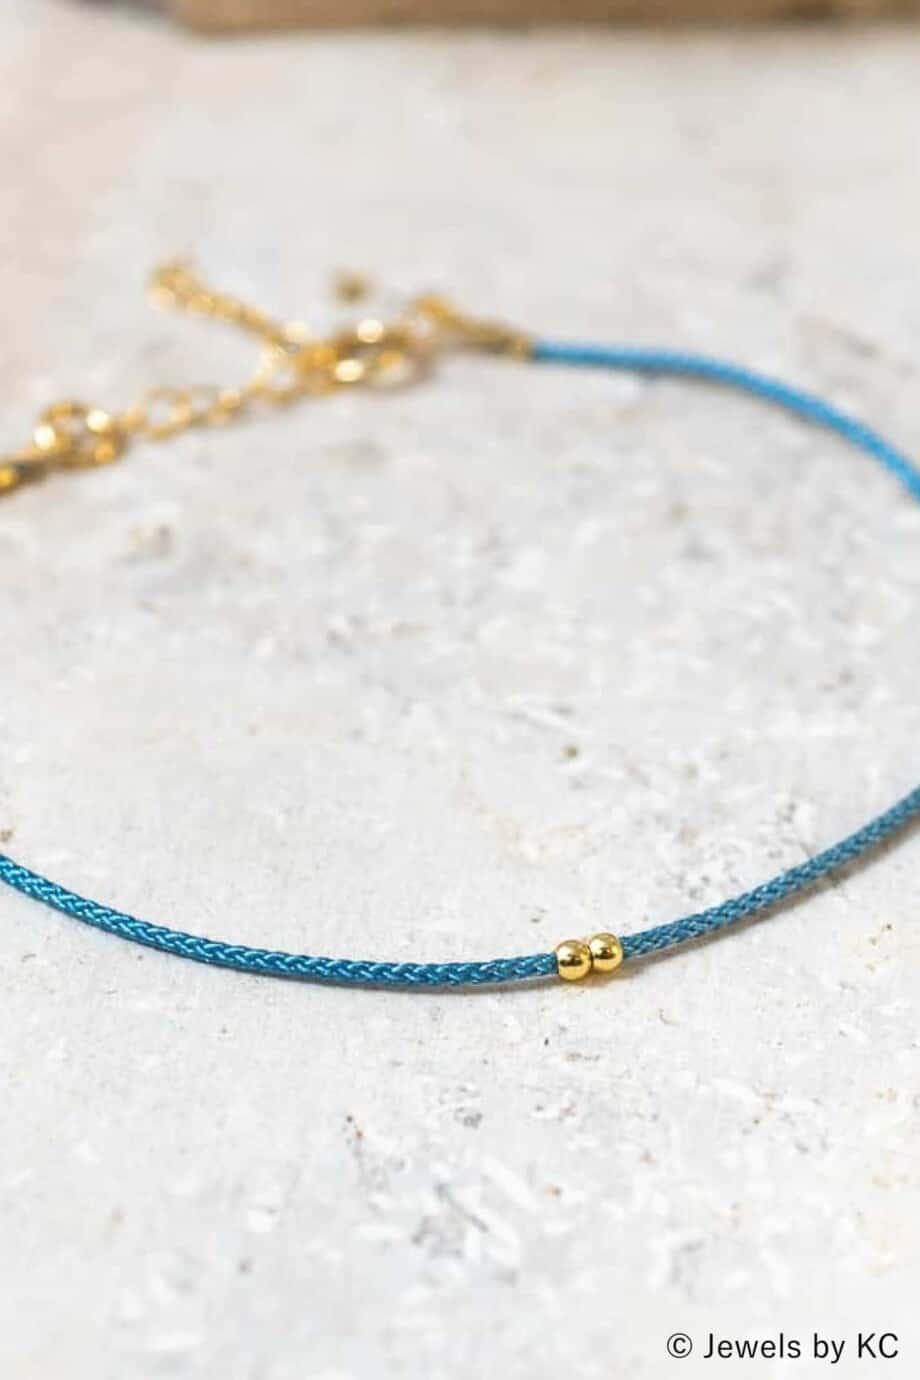 Dun-blauw-koord-armbandje-Azul-met-Gouden-kraaltjes-Goud-op-Zilver